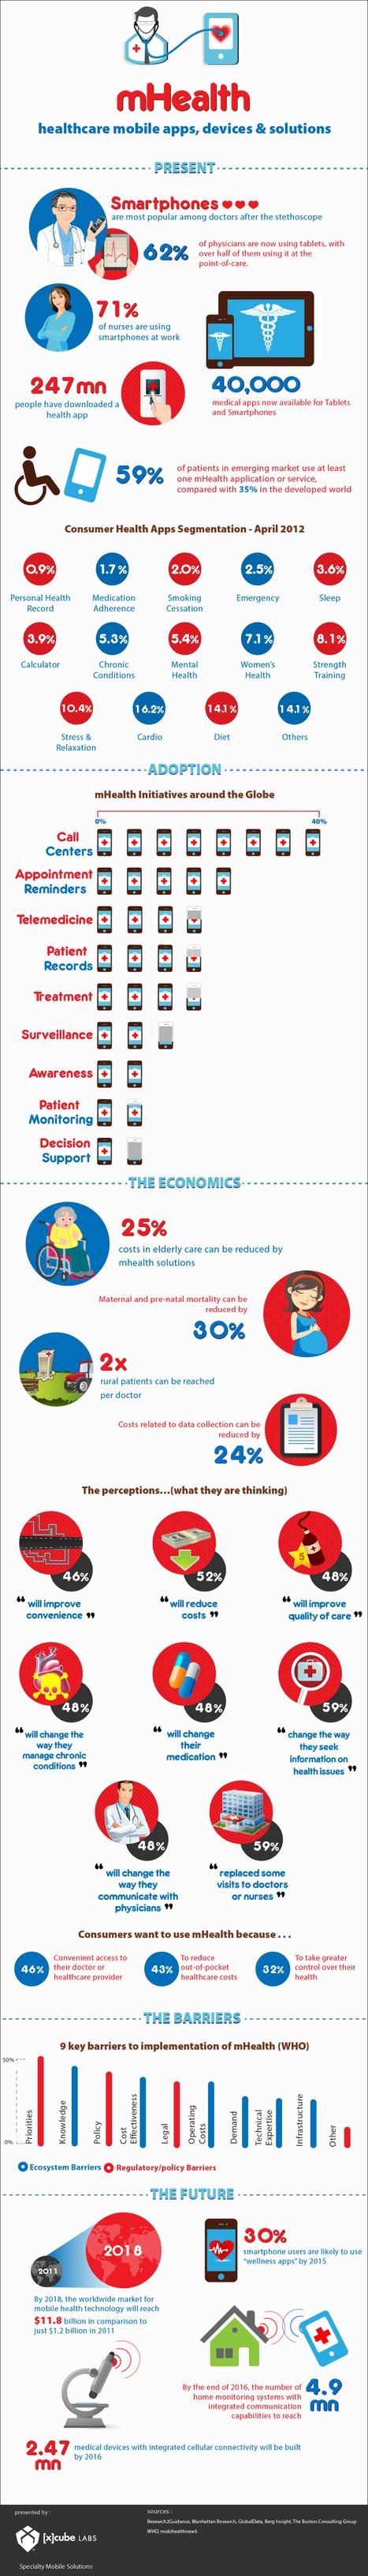 La contribución de los móviles a la salud – infografía | Psicología y salud | Scoop.it